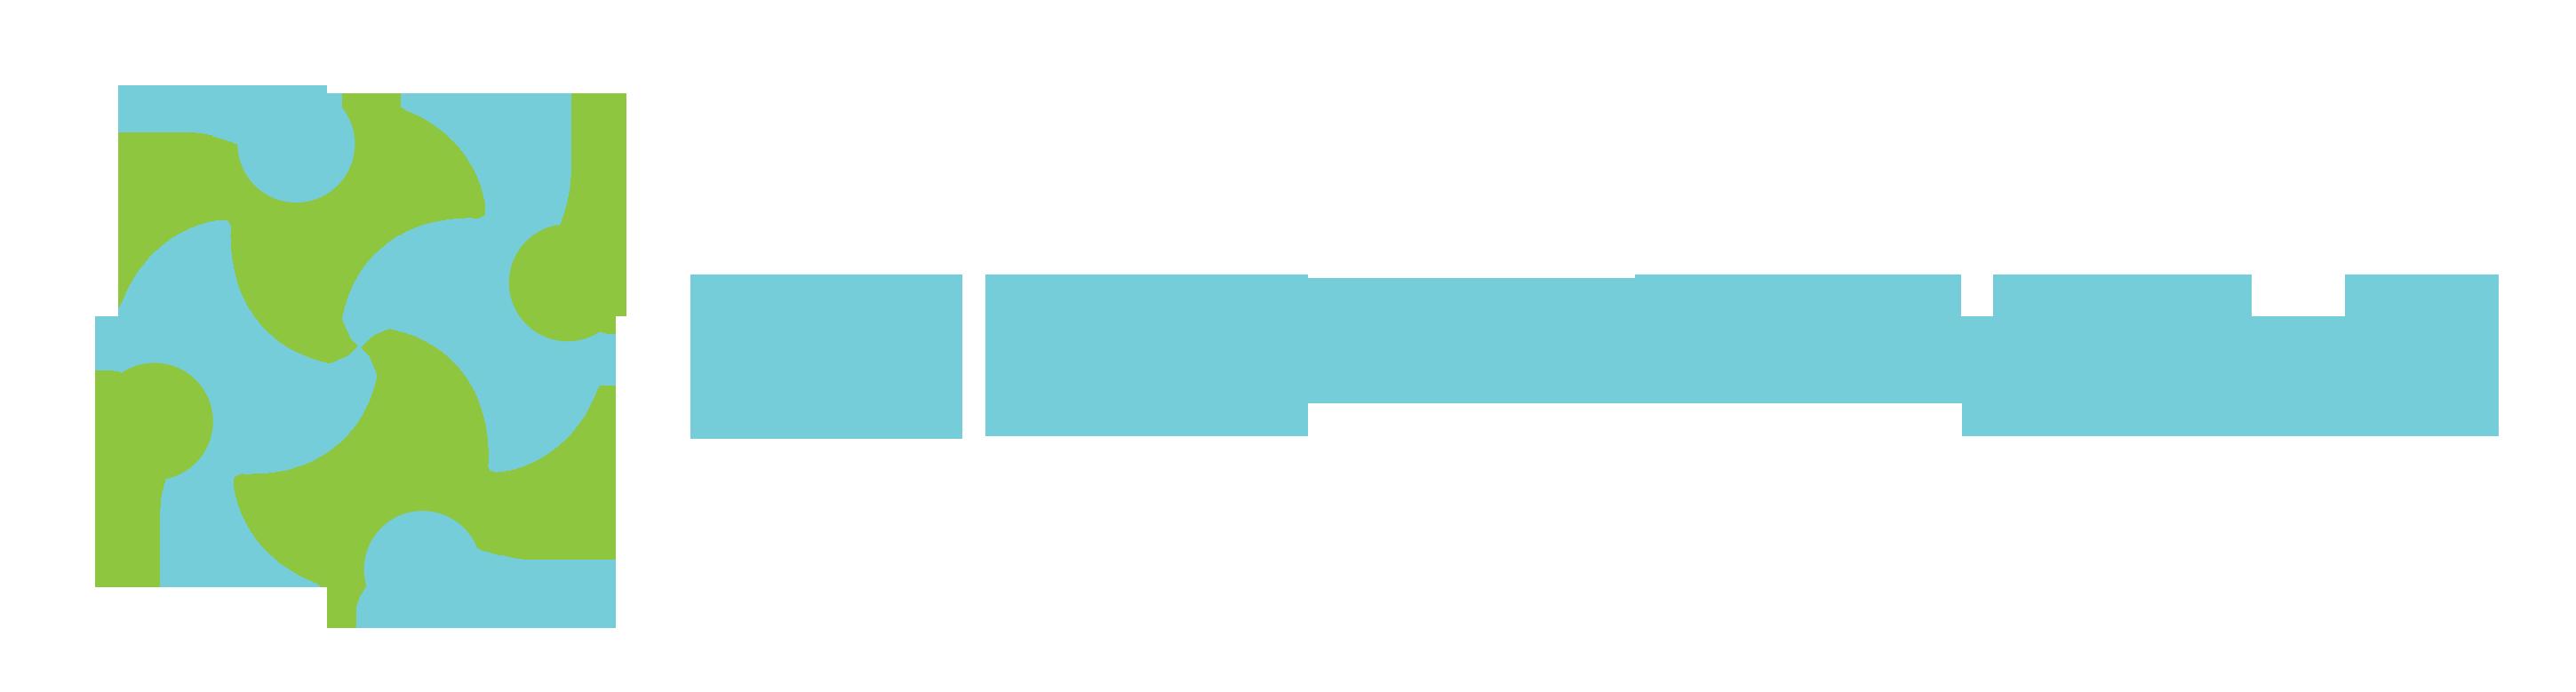 Najlepszeterapie.pl